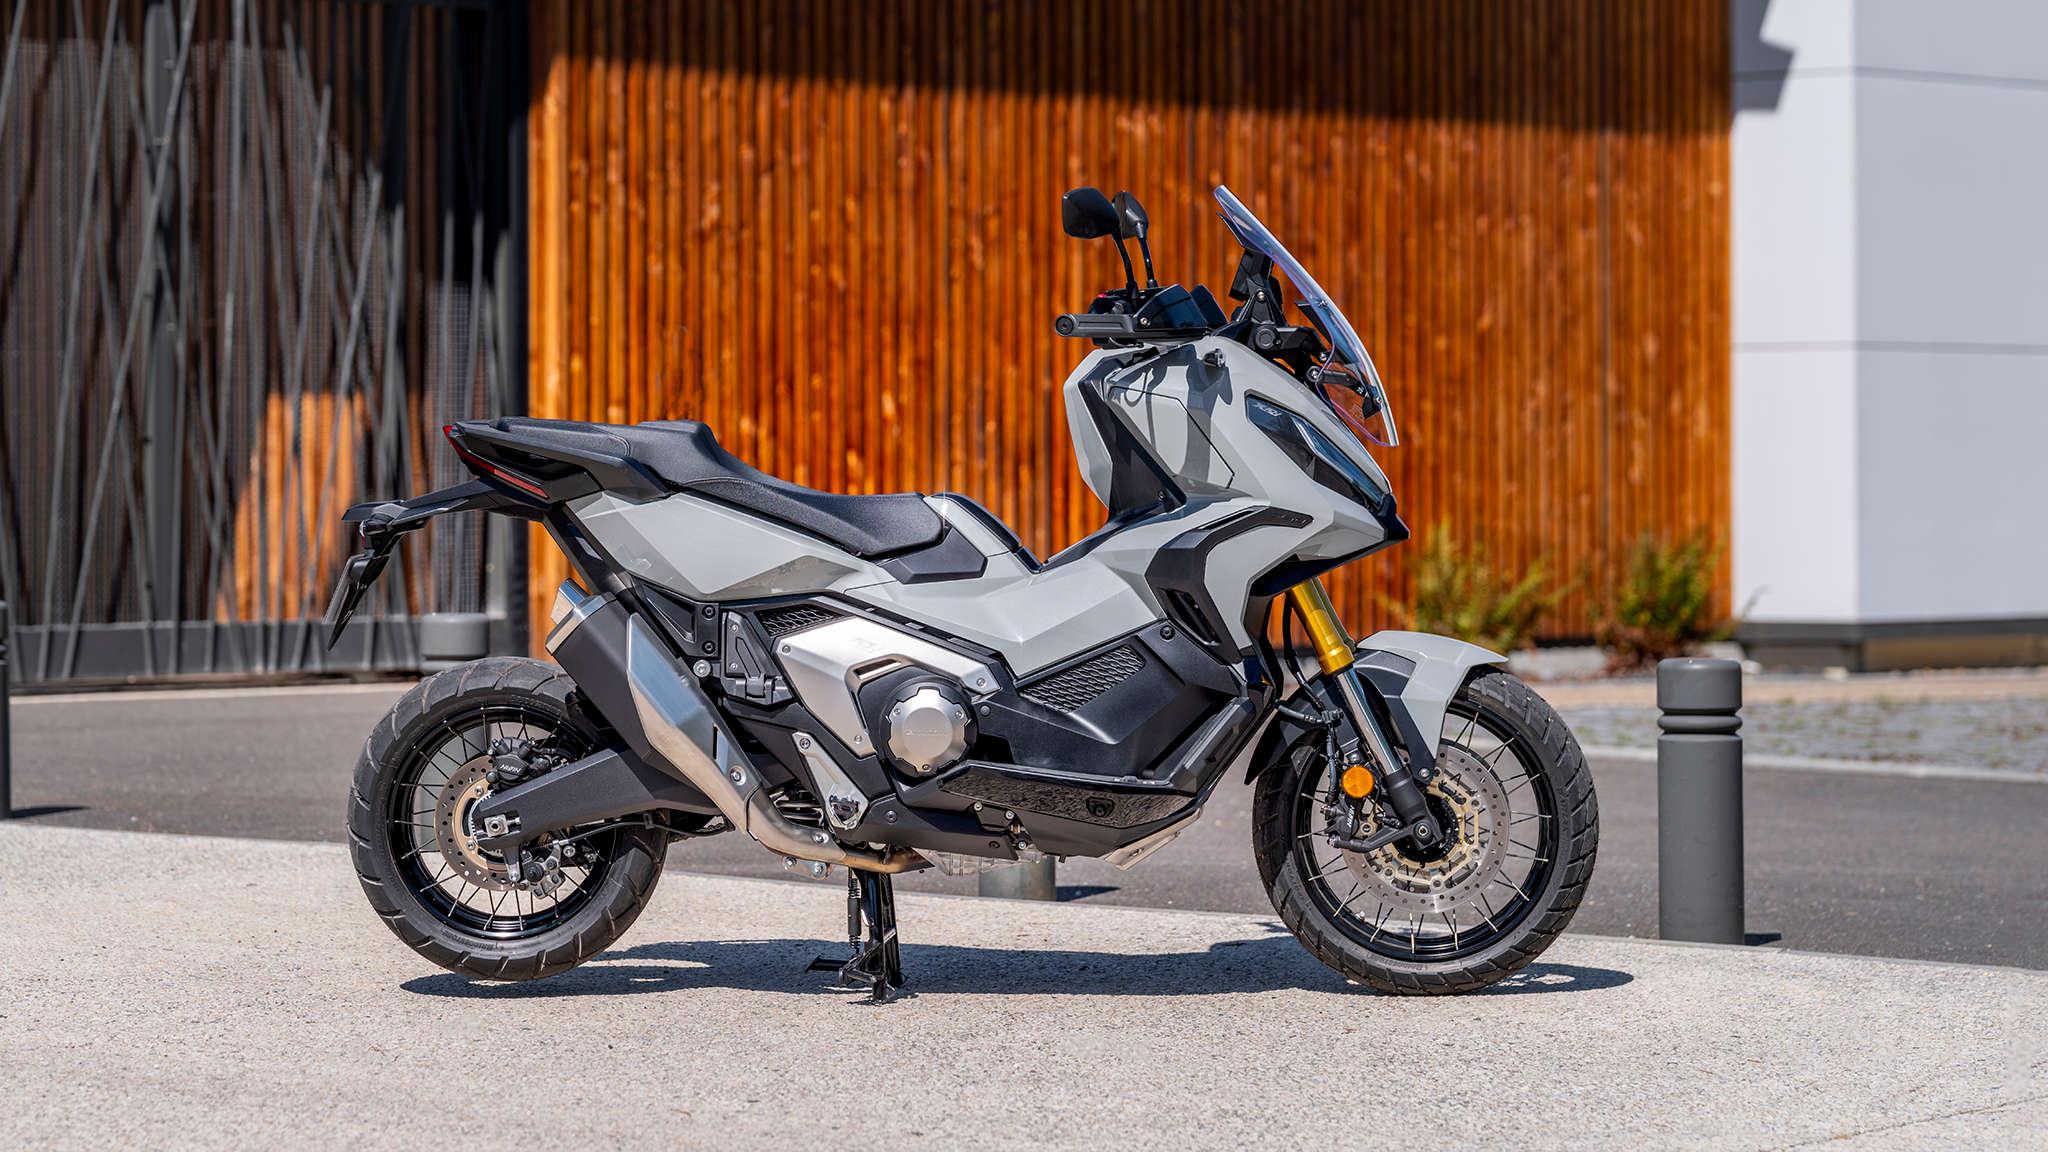 Honda X Adv Honda Motorrader Adventure Off Road Touring